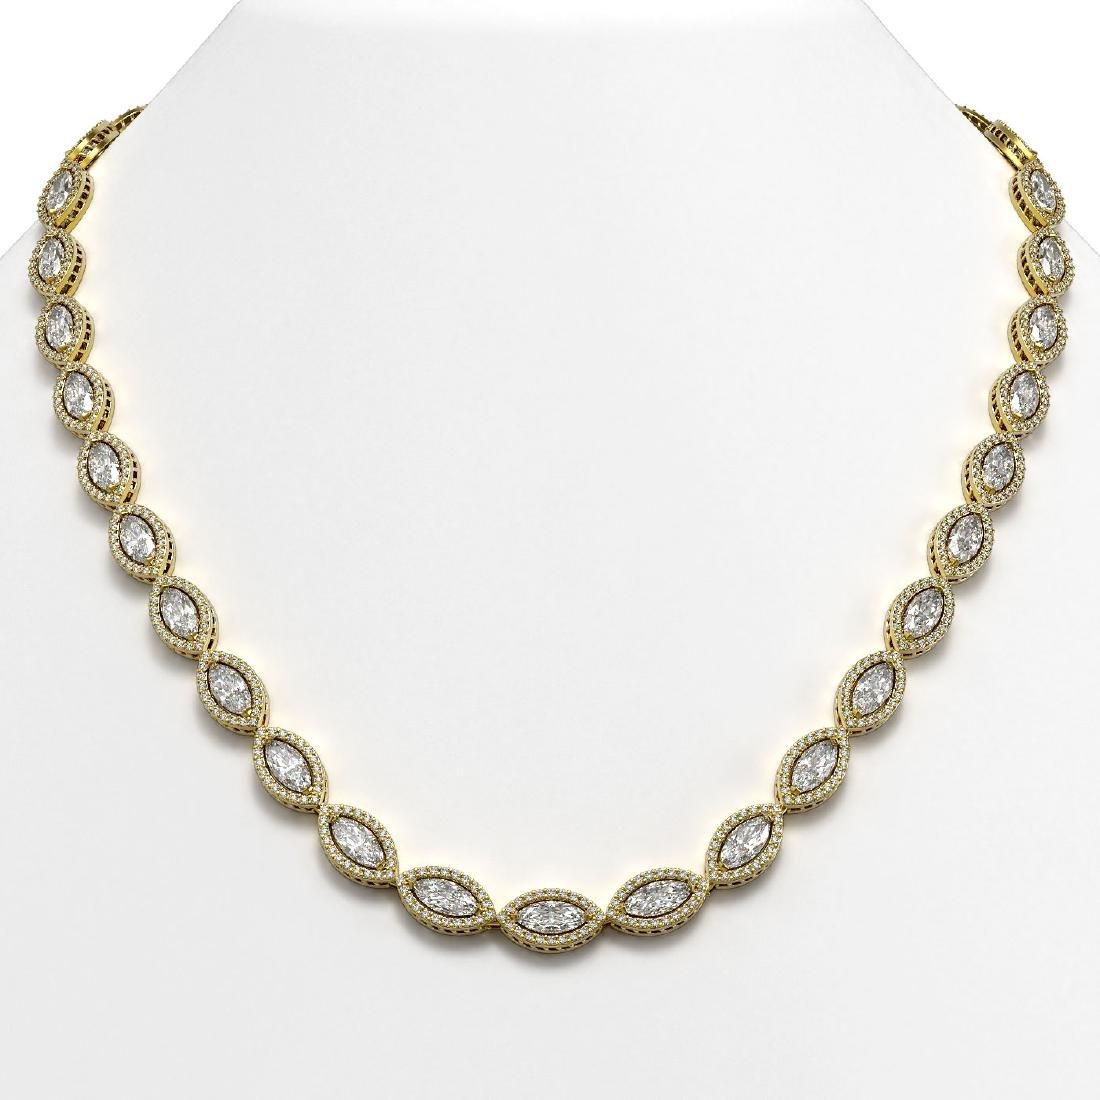 28.12 CTW Marquise Diamond Designer Necklace 18K Yellow